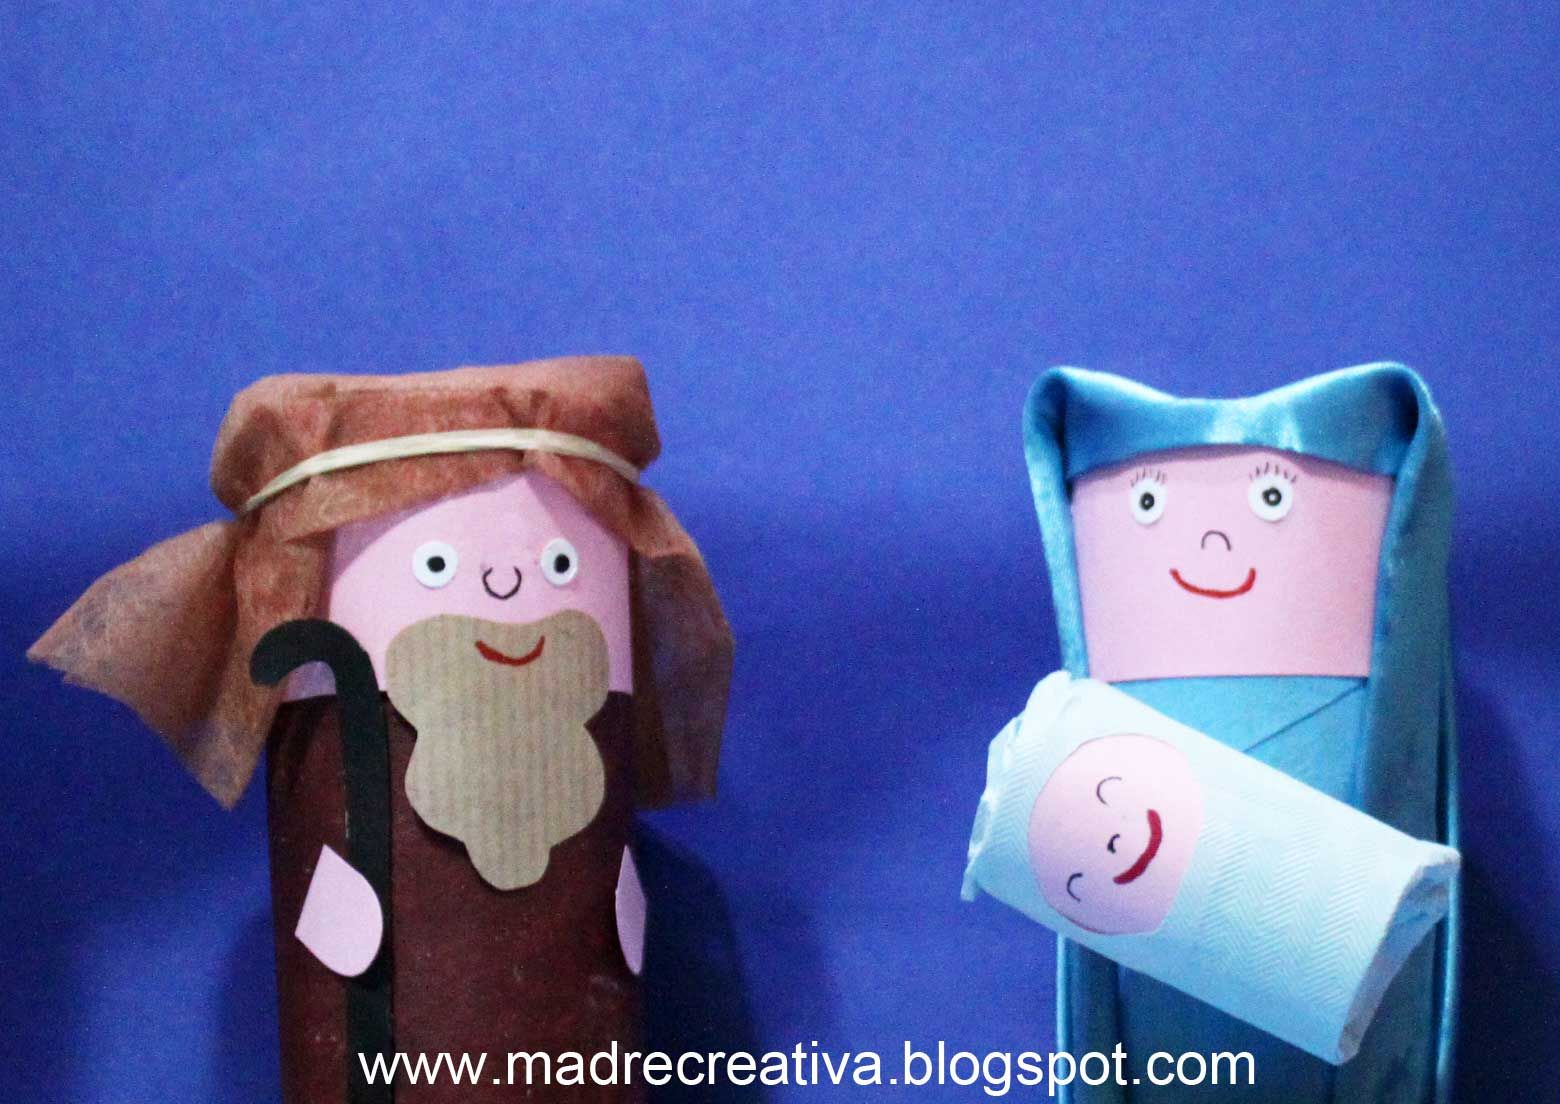 Exceptionnel blog su fai da te, riciclo creativo, creare con la carta, attività  PW88